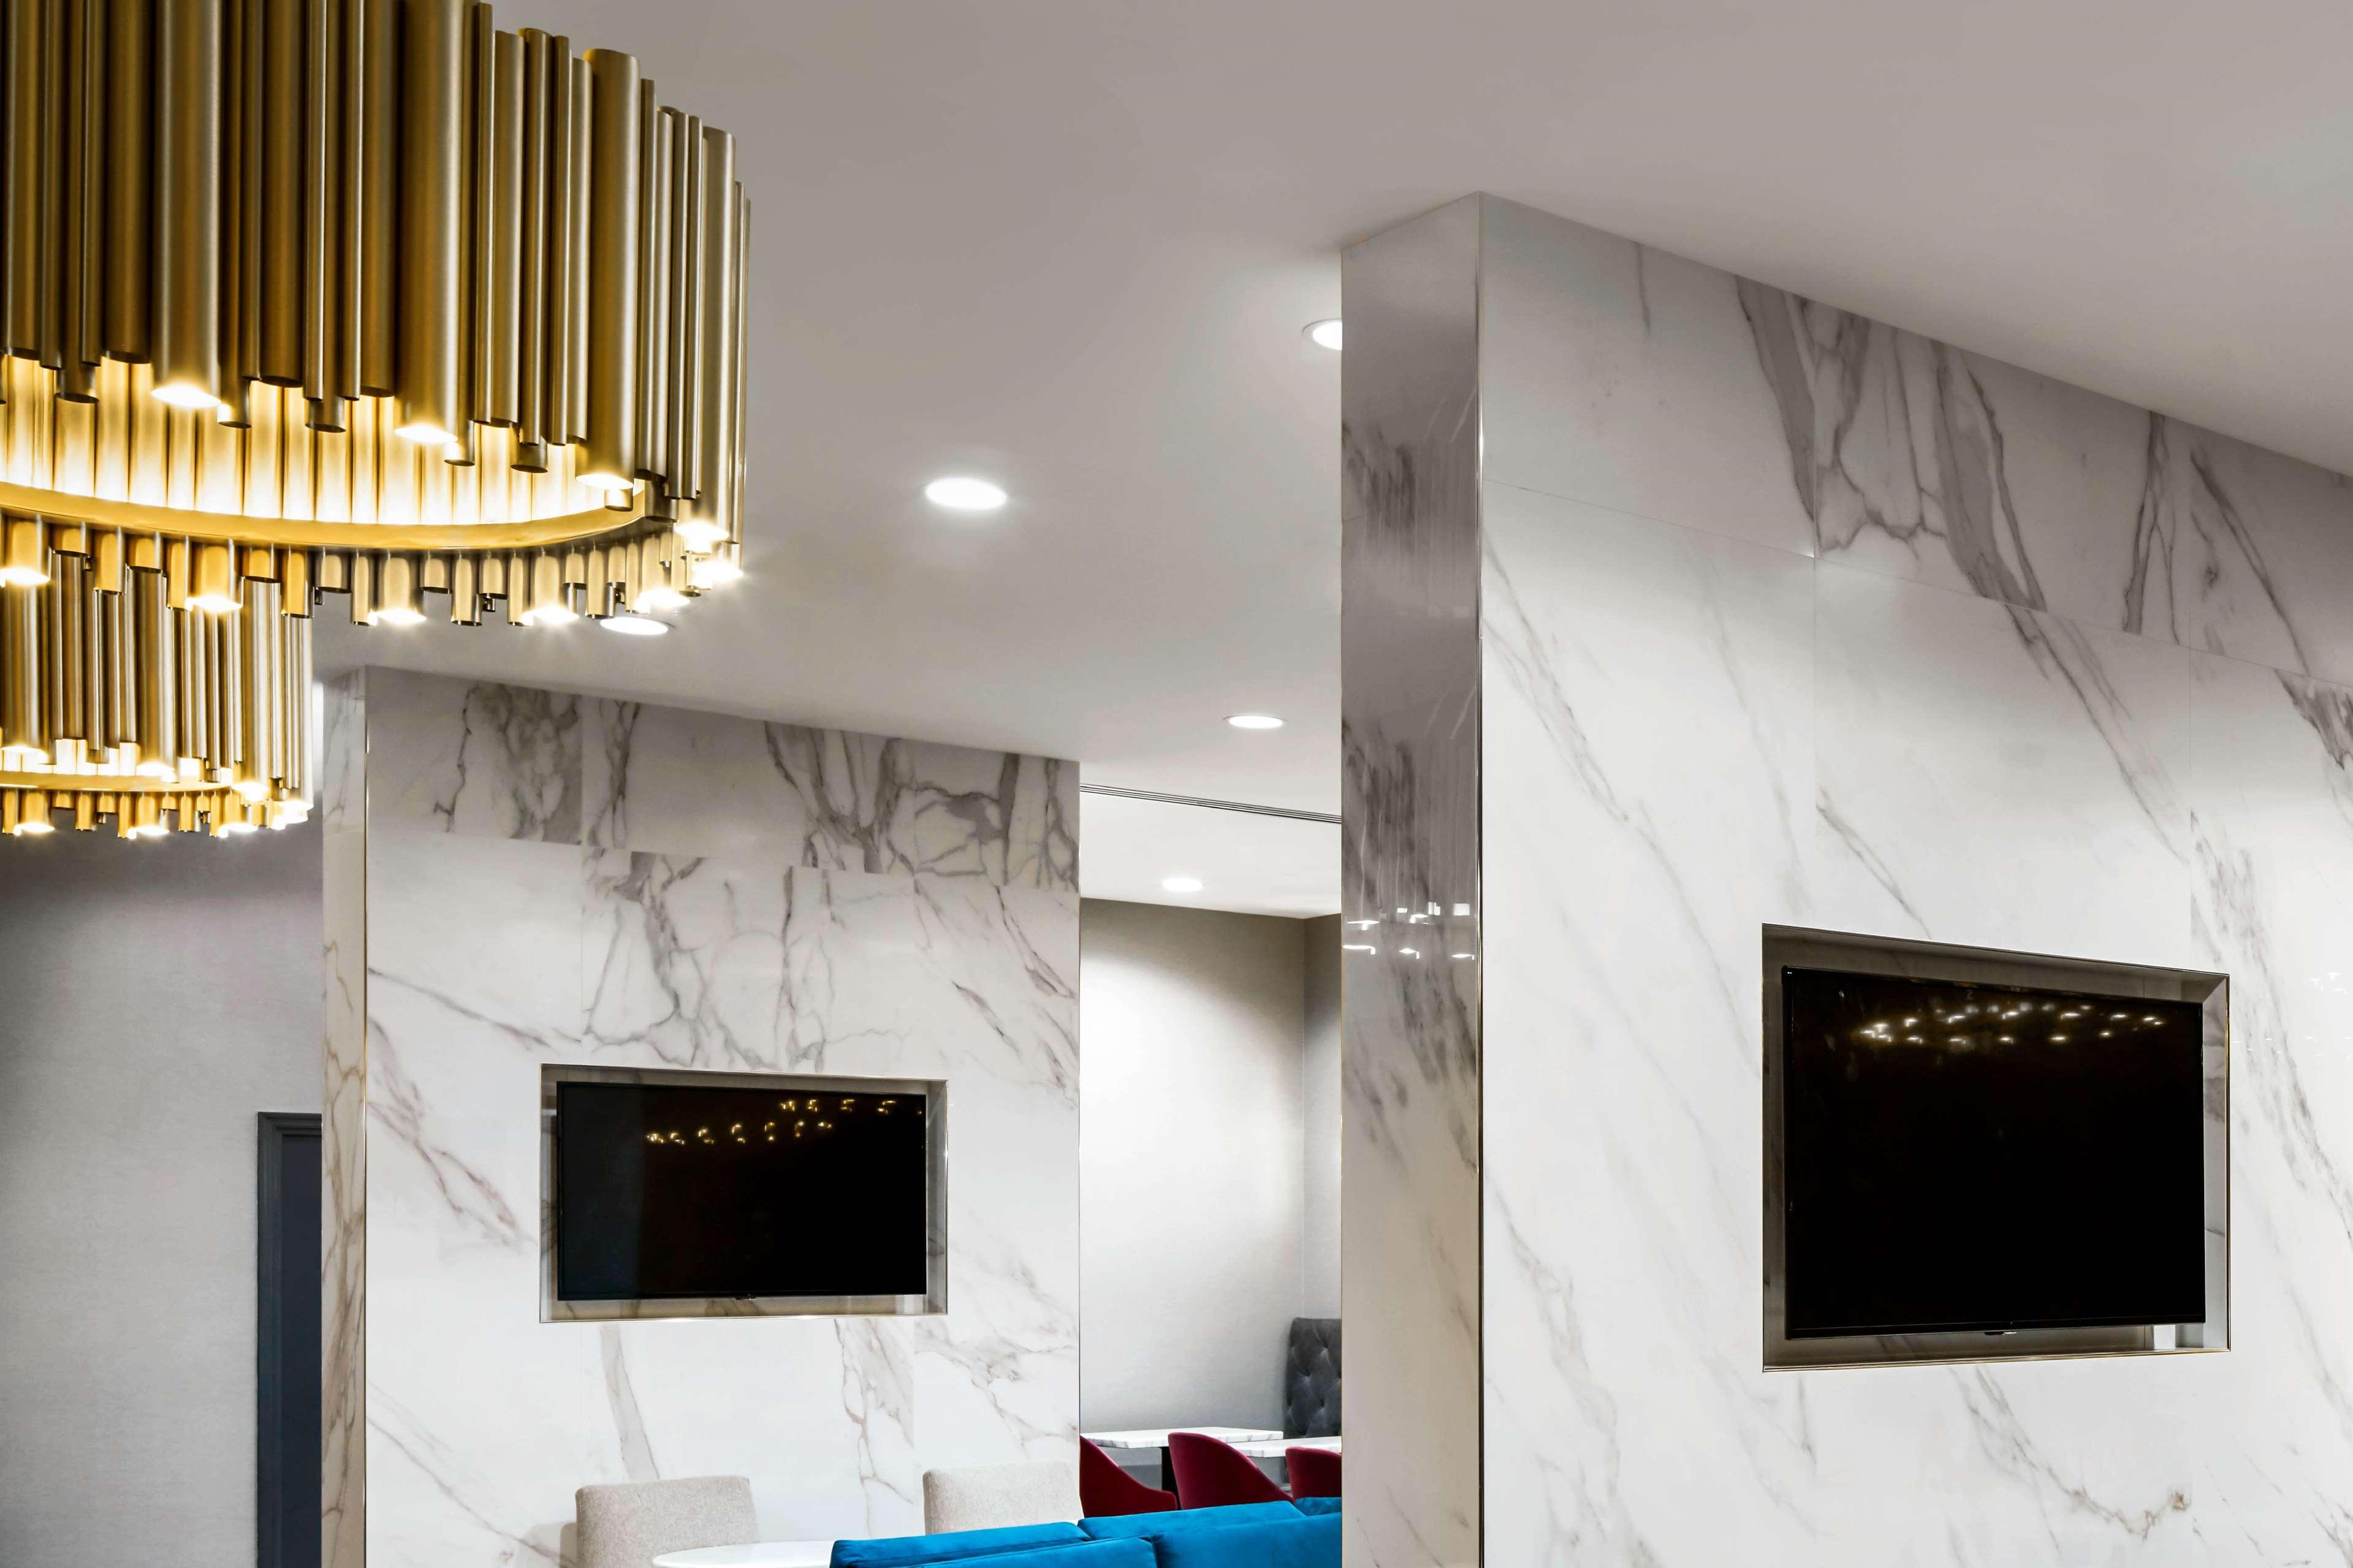 Washington Hilton image 4